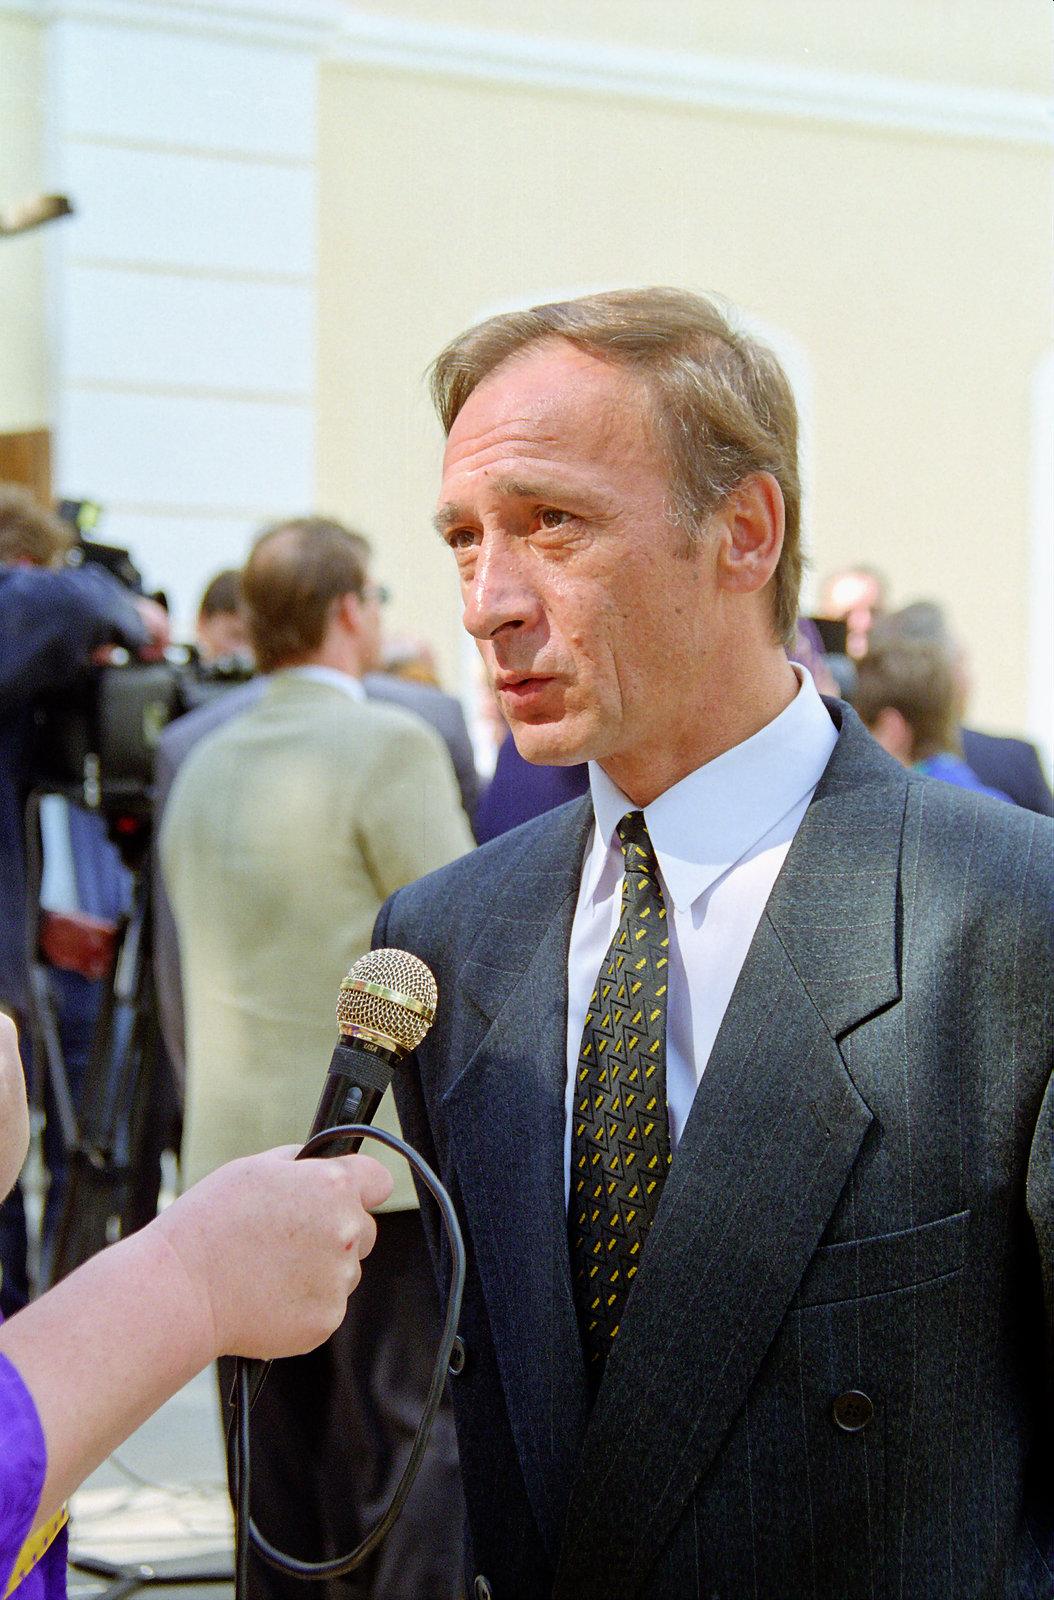 File:Ba-melnik-e-a-1999-nikolsky.jpg